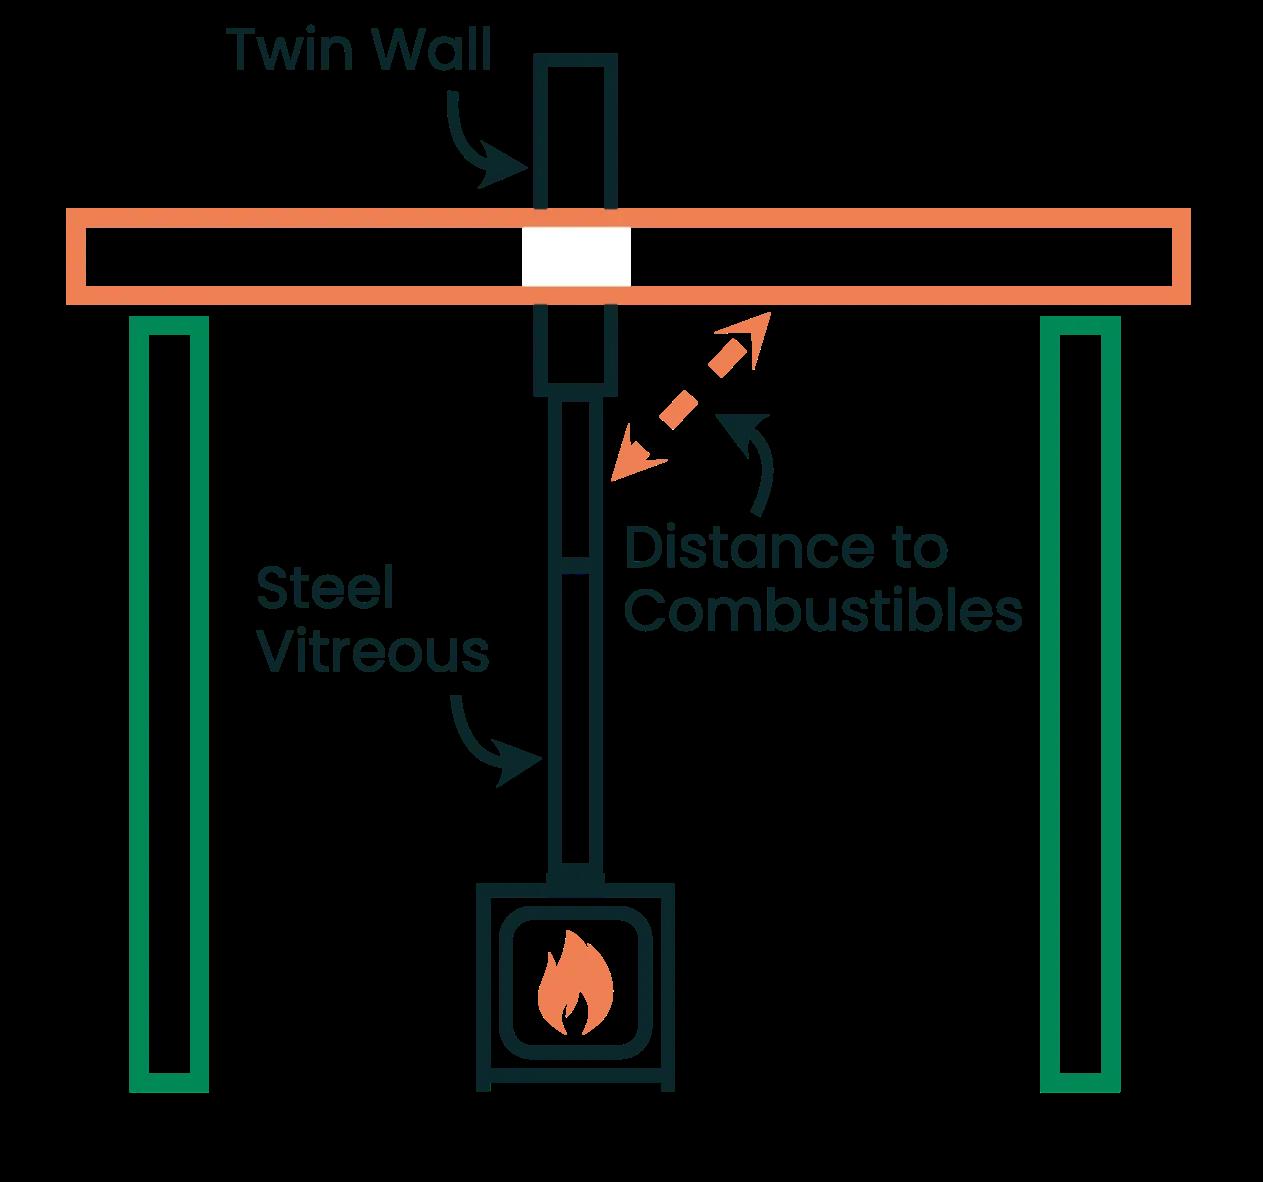 Twin wall diagram